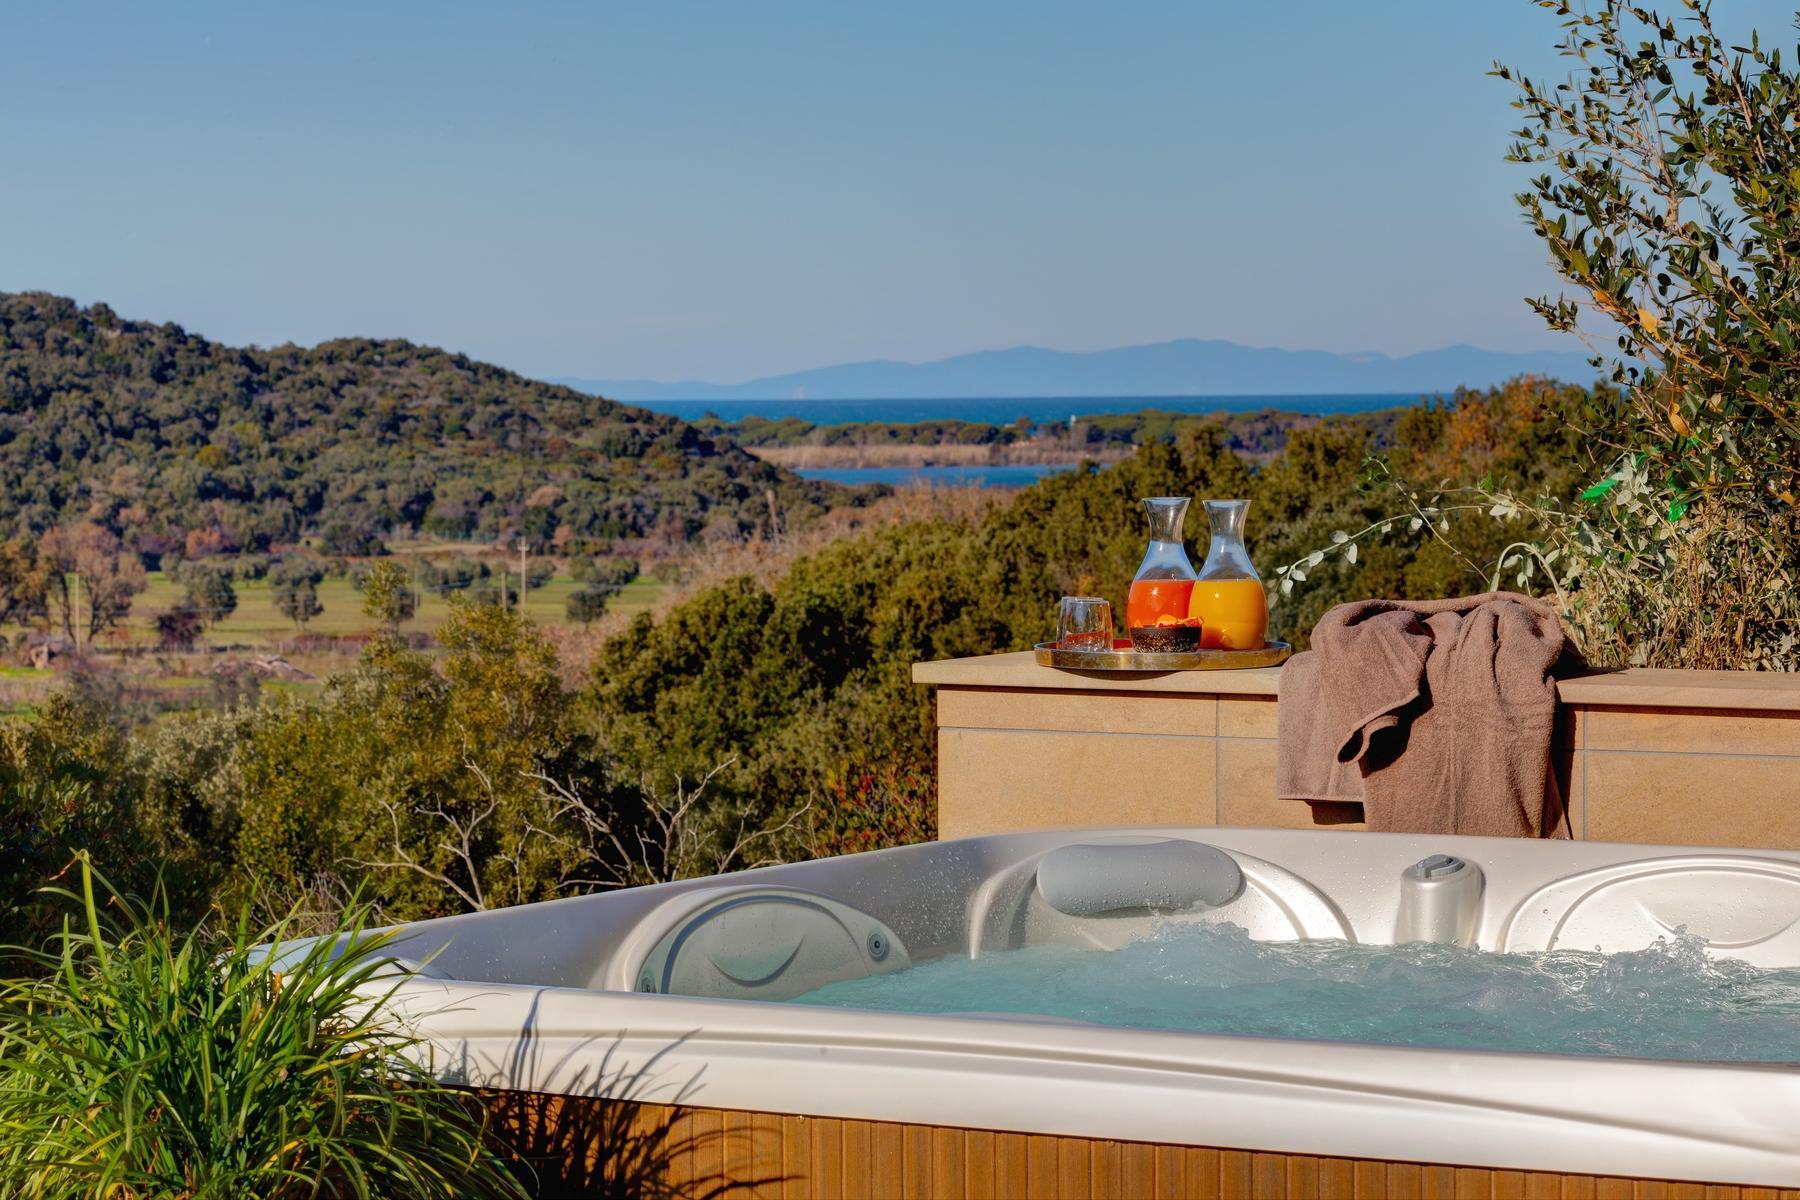 Magnifique villa avec vue imprenable sur le lagon d'Orbetello - 15